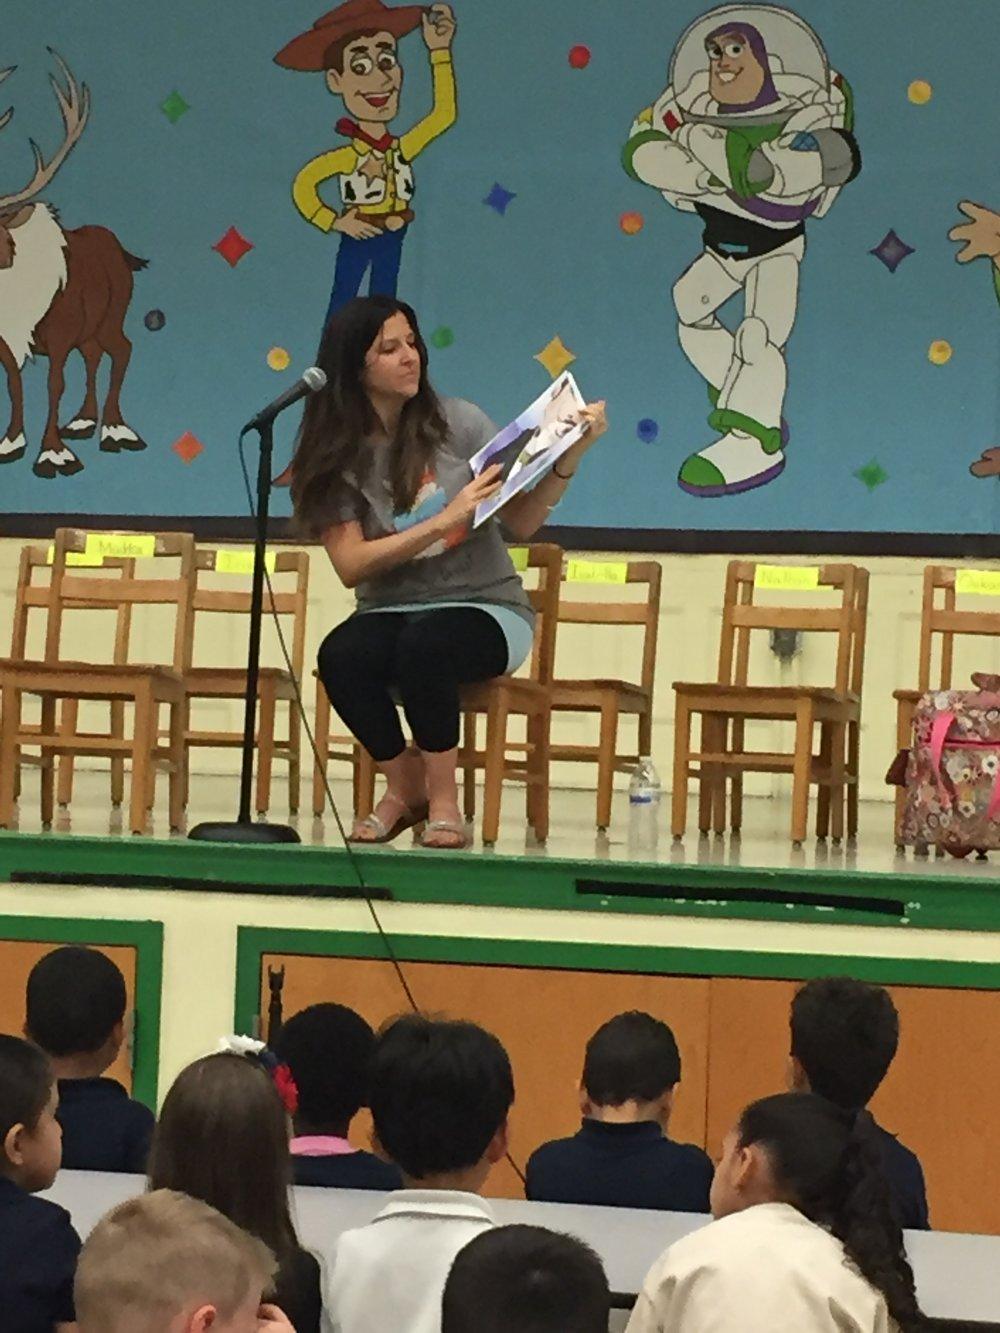 Gorilla school visit Vroom Bayonne NJIMG_6822.JPG